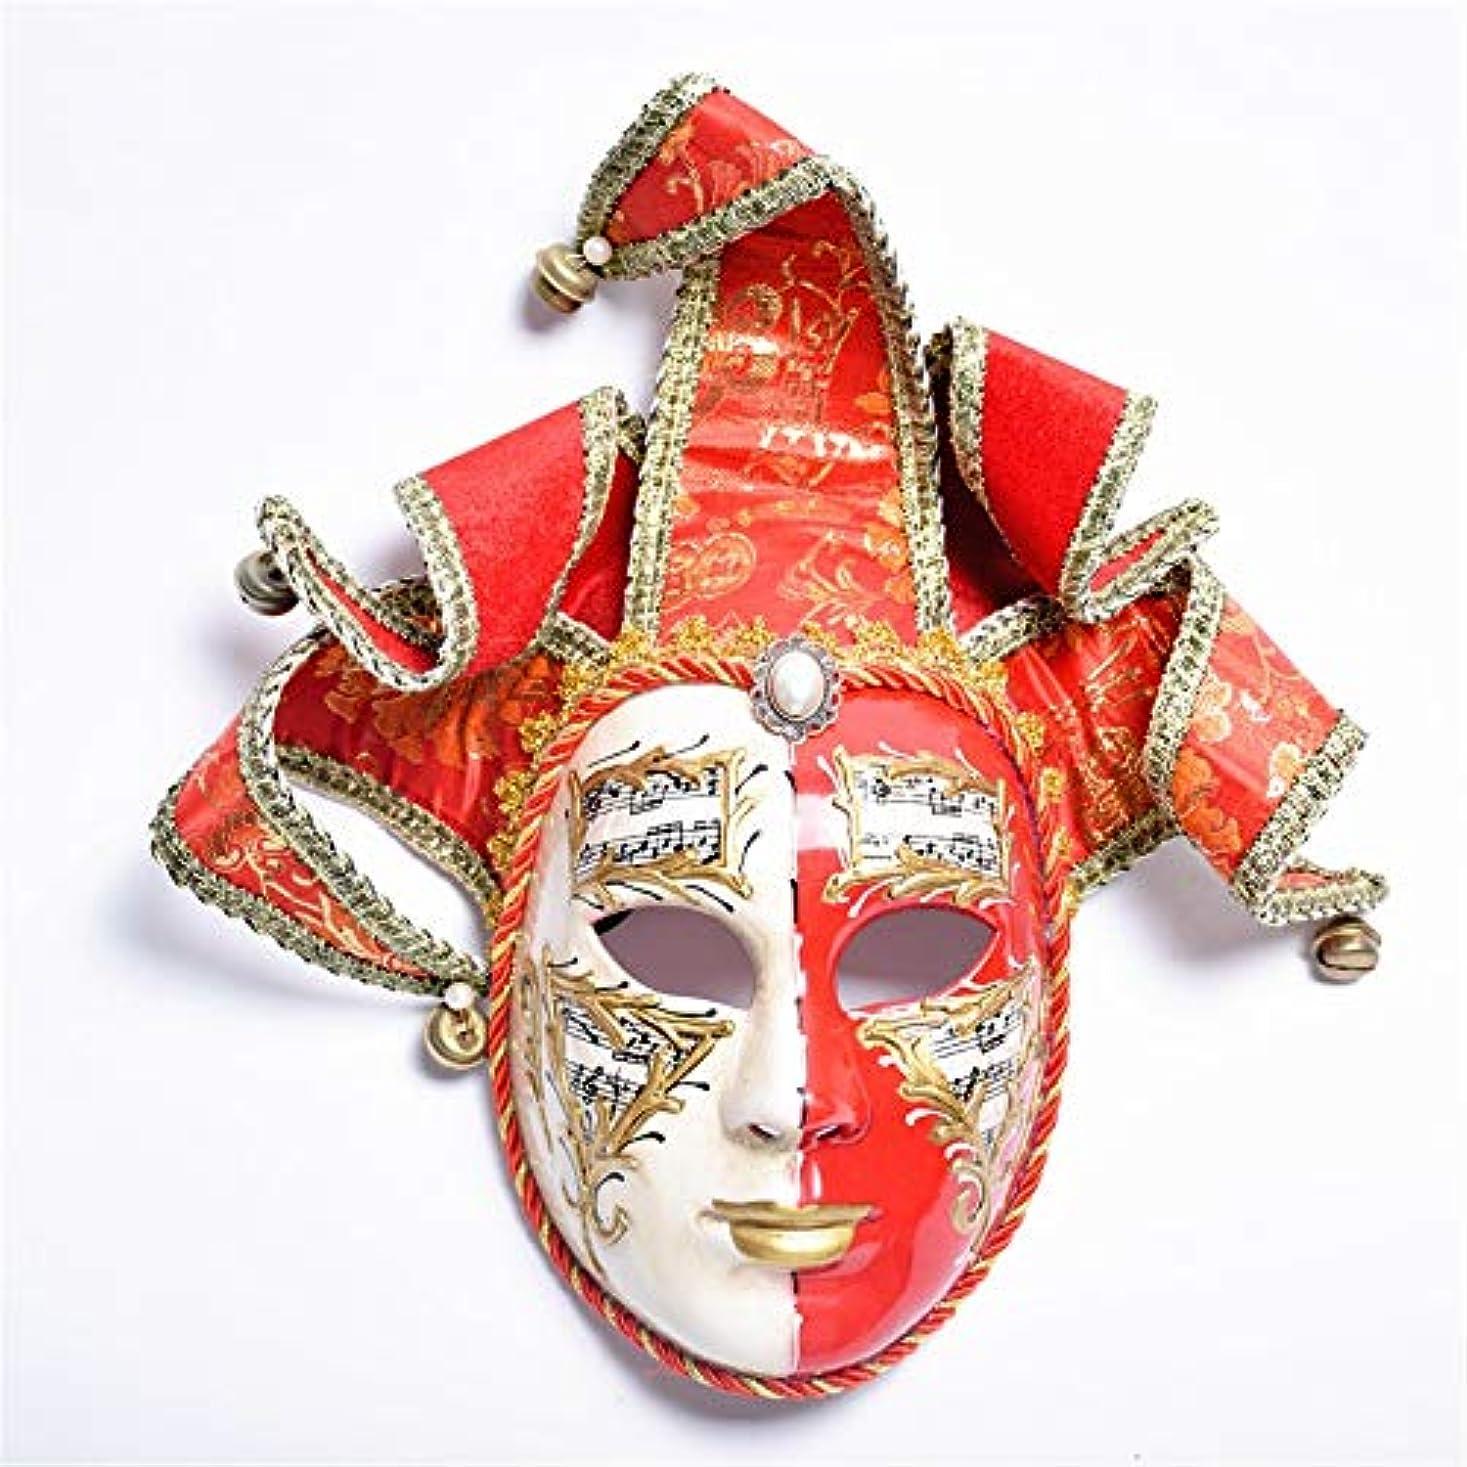 レプリカマーキー砦ダンスマスク レッドゴールドマスク女性仮装パーティーナイトクラブロールプレイング装飾プラスチックマスク ホリデーパーティー用品 (色 : Red+Gold, サイズ : 33x31cm)